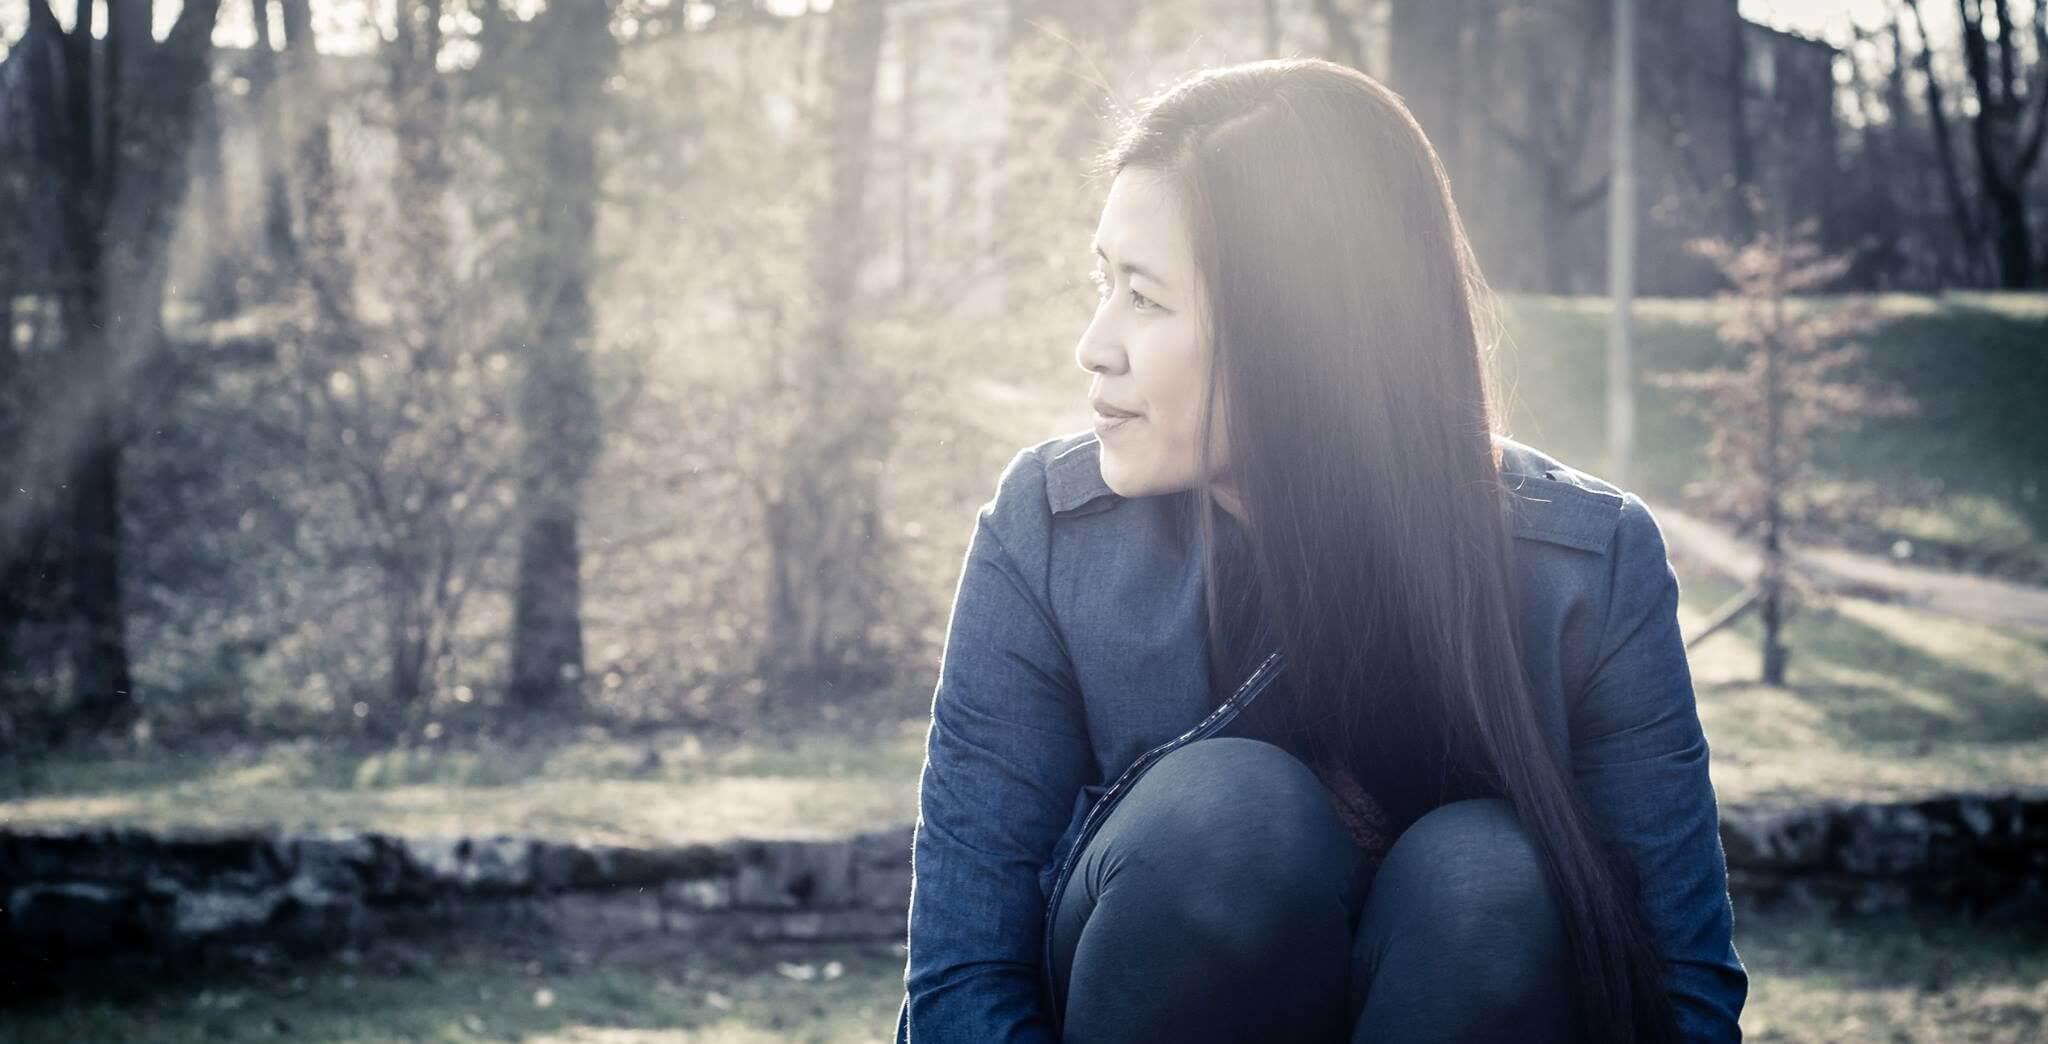 Thanh Thu Tieu